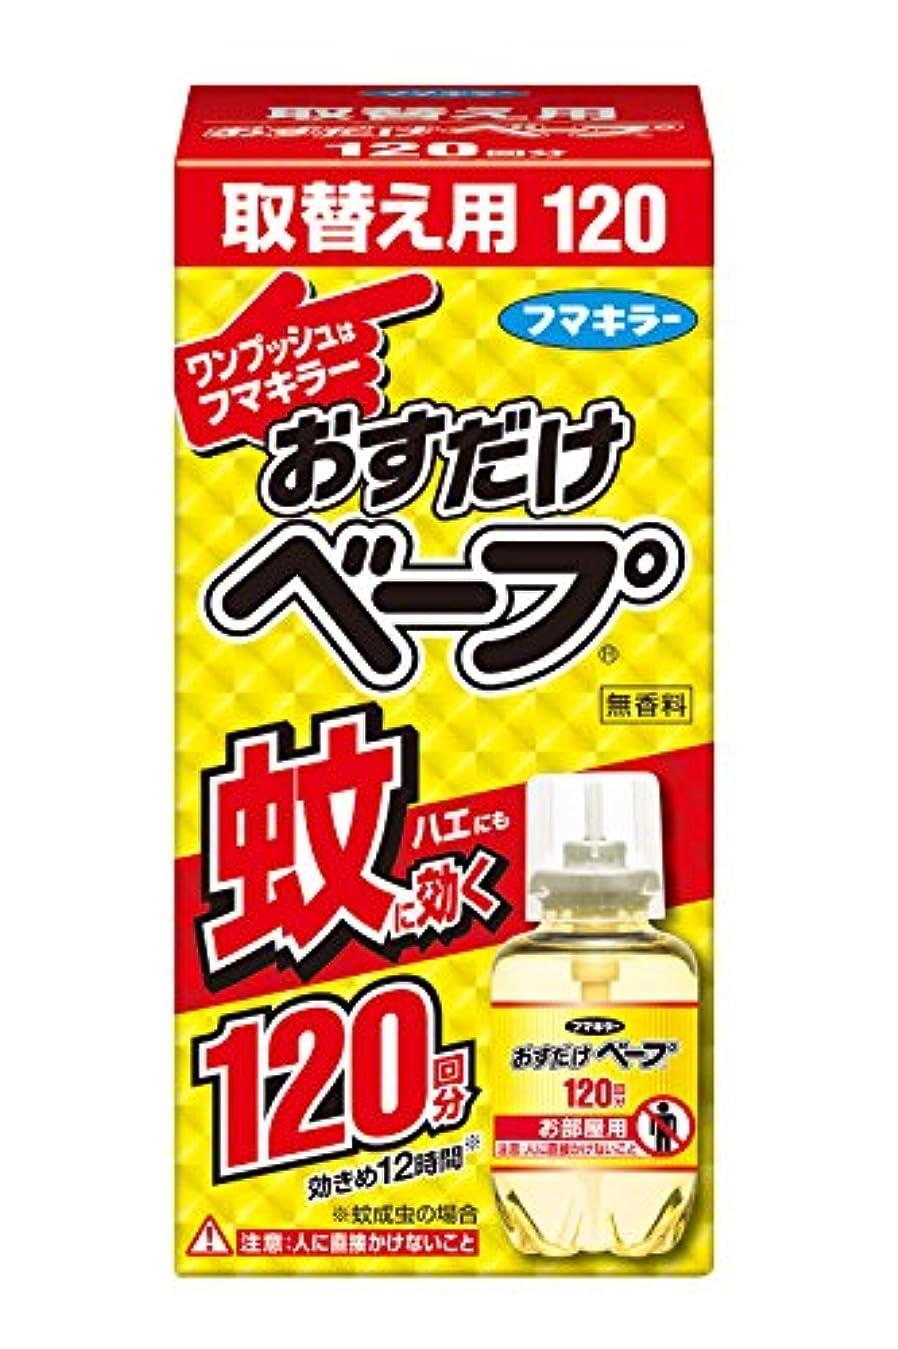 固める空いているにもかかわらずおすだけベープ ワンプッシュ式 蚊取り 替え 120回分 無香料